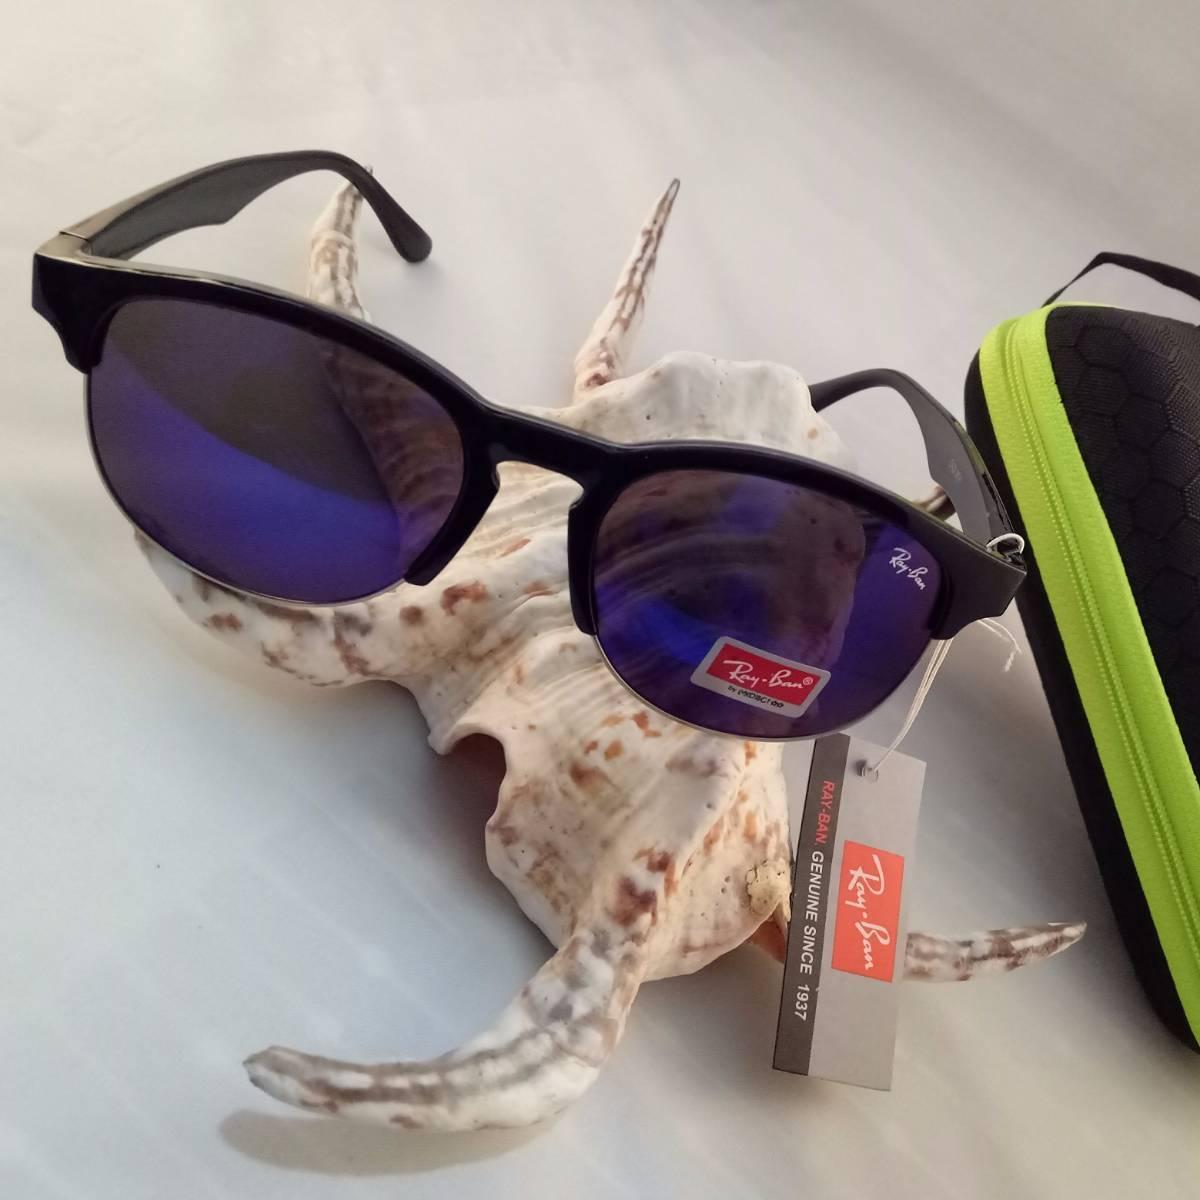 Kacamata Rayban F1 Blue